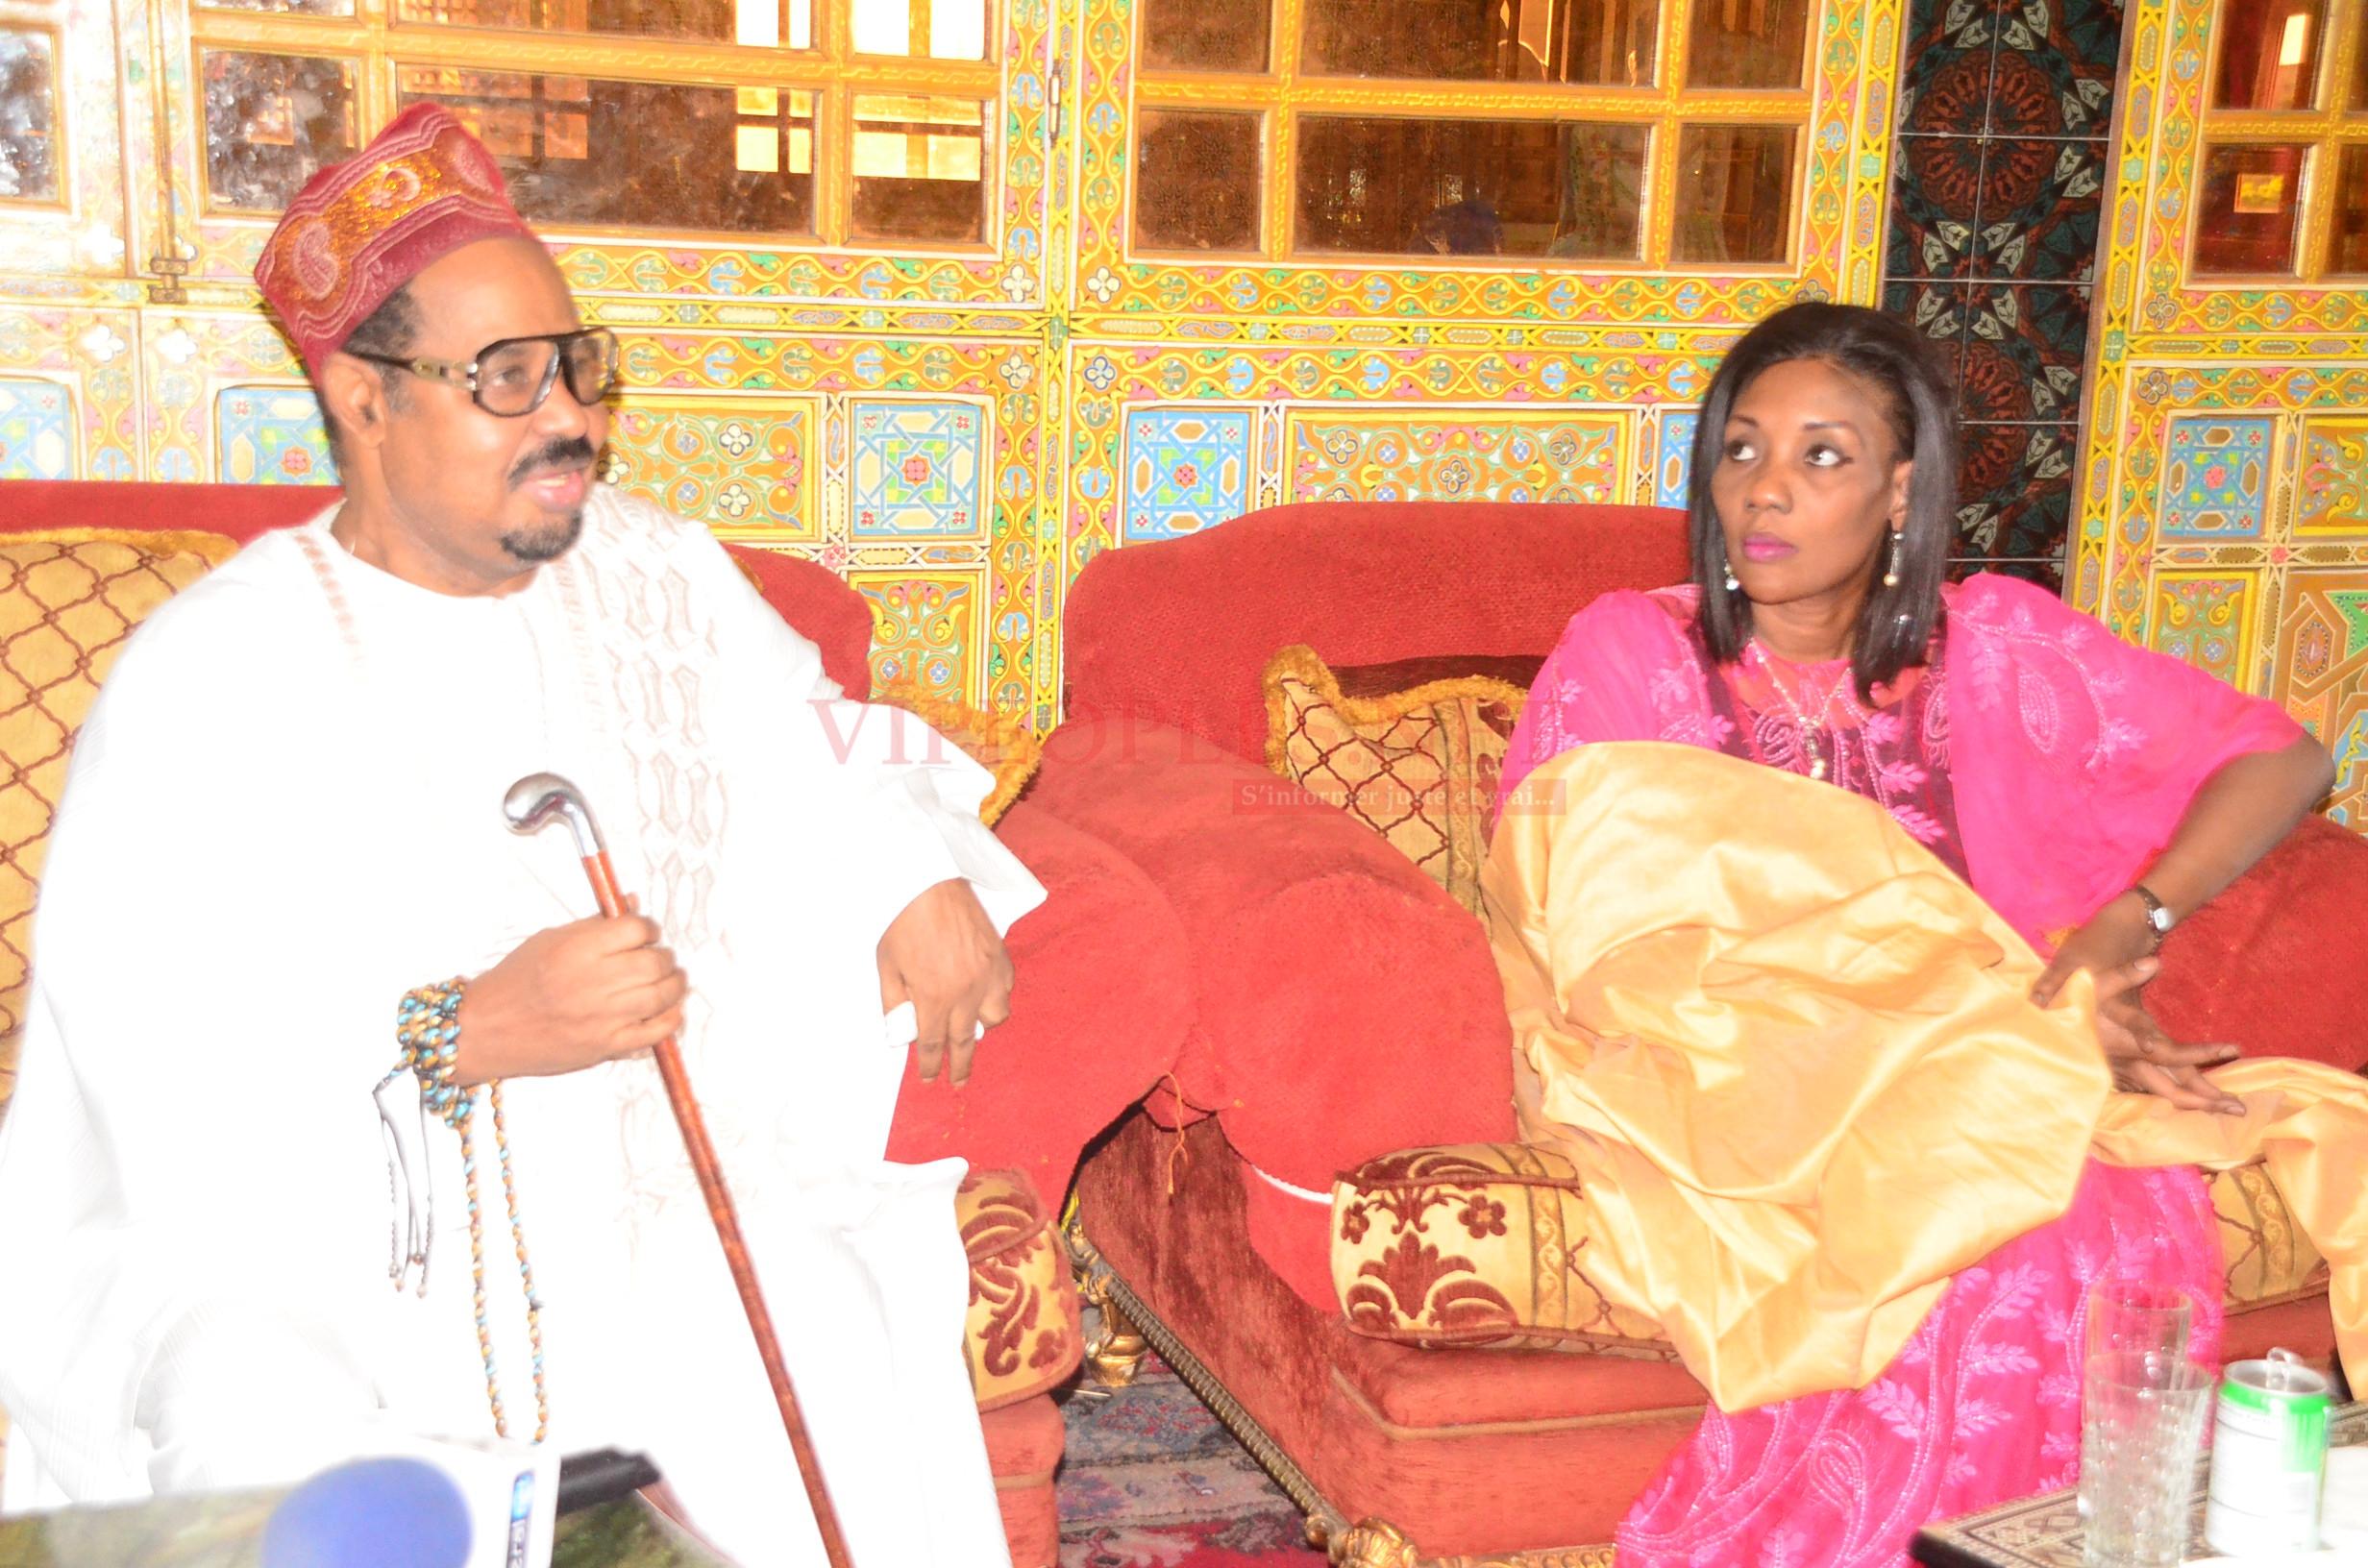 VIDEO: Enfin Ameth Khalifa Niasse parle de sa nouvelle épouse, Sokhna Oumou Sy Dabakh devant Khalifa Sall et clôt le débat.